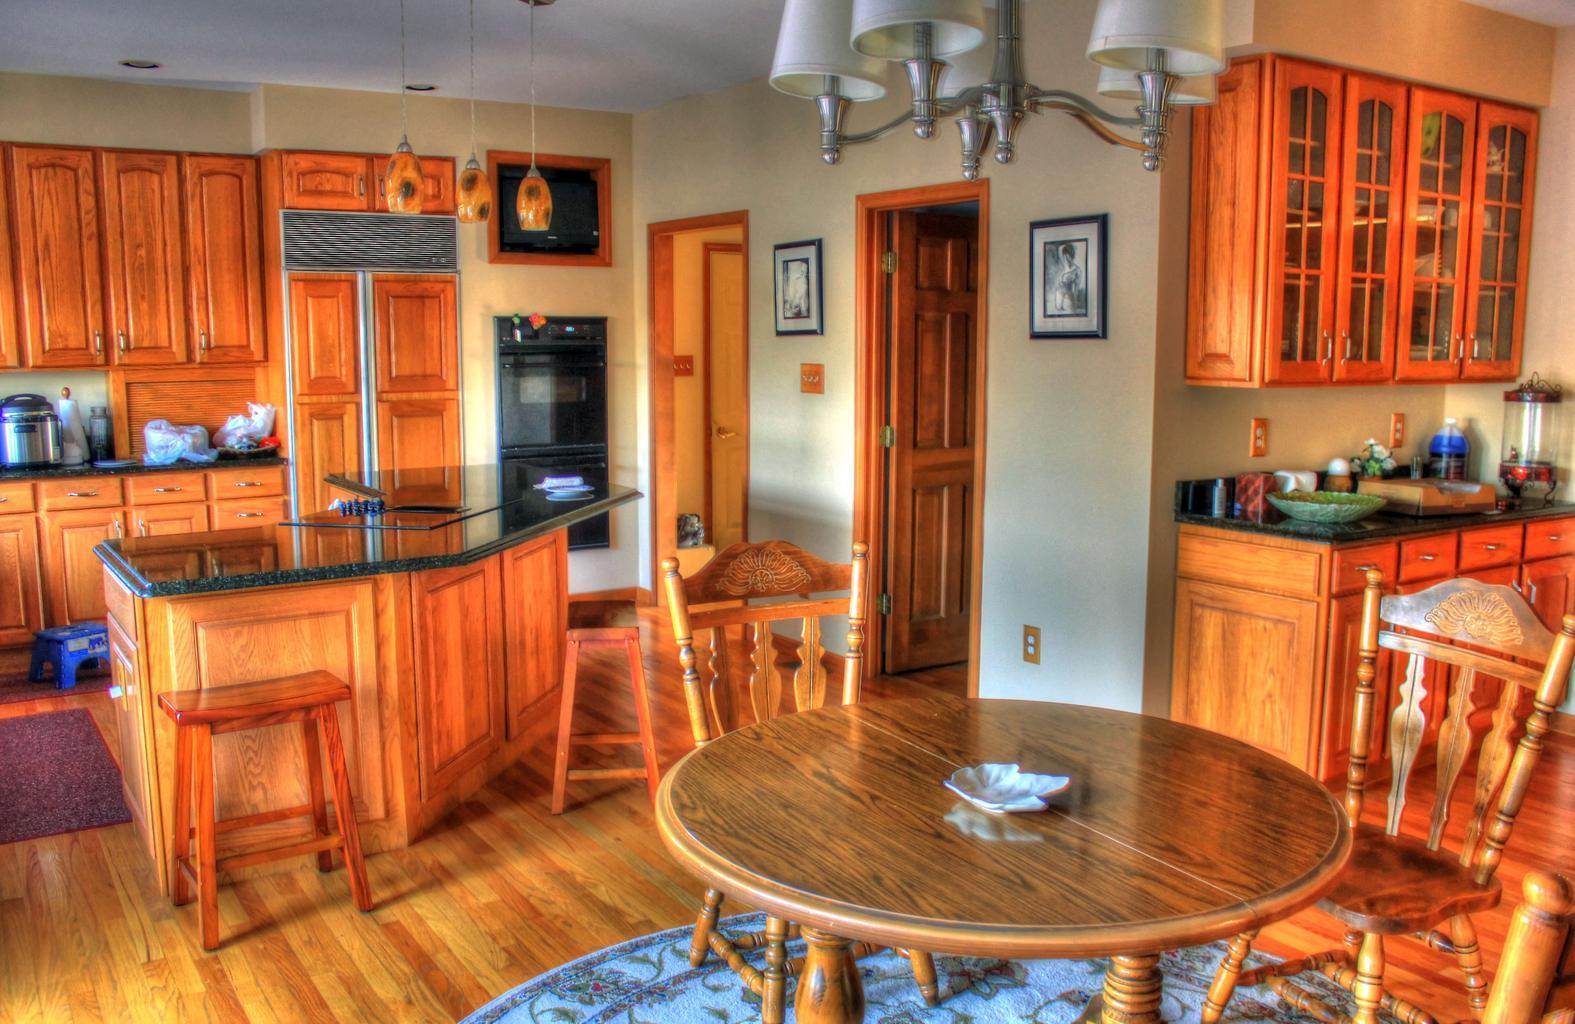 bývanie, drevený dizajn